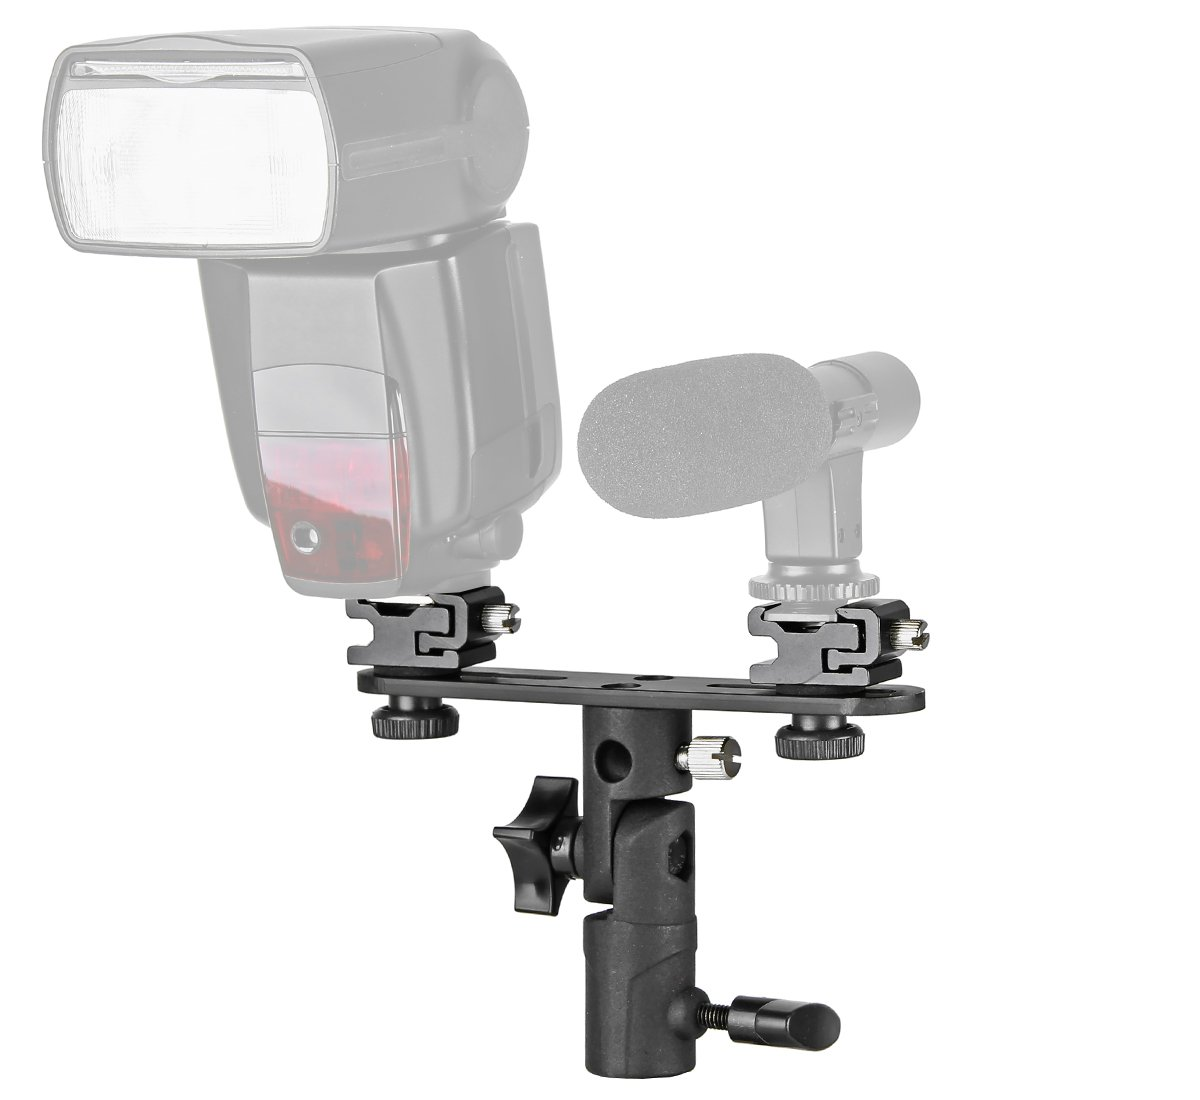 Doble de flash R/ótula con pantalla plana y espiga de rosca y conector